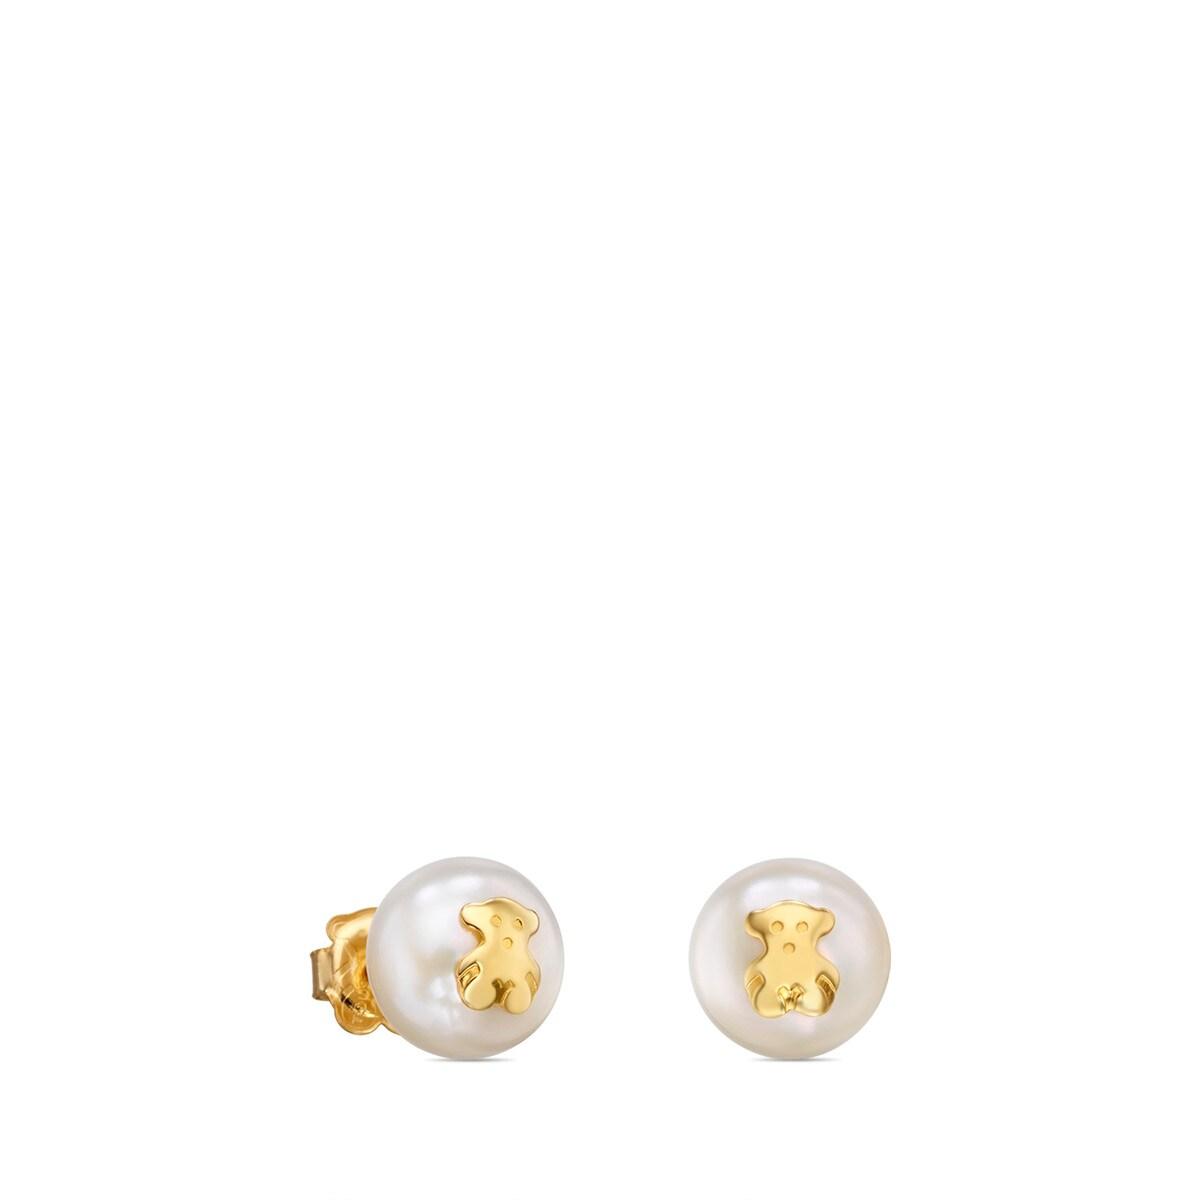 f27bc60a4c69 Pendientes TOUS Bear de Oro - Sitio web Tous España